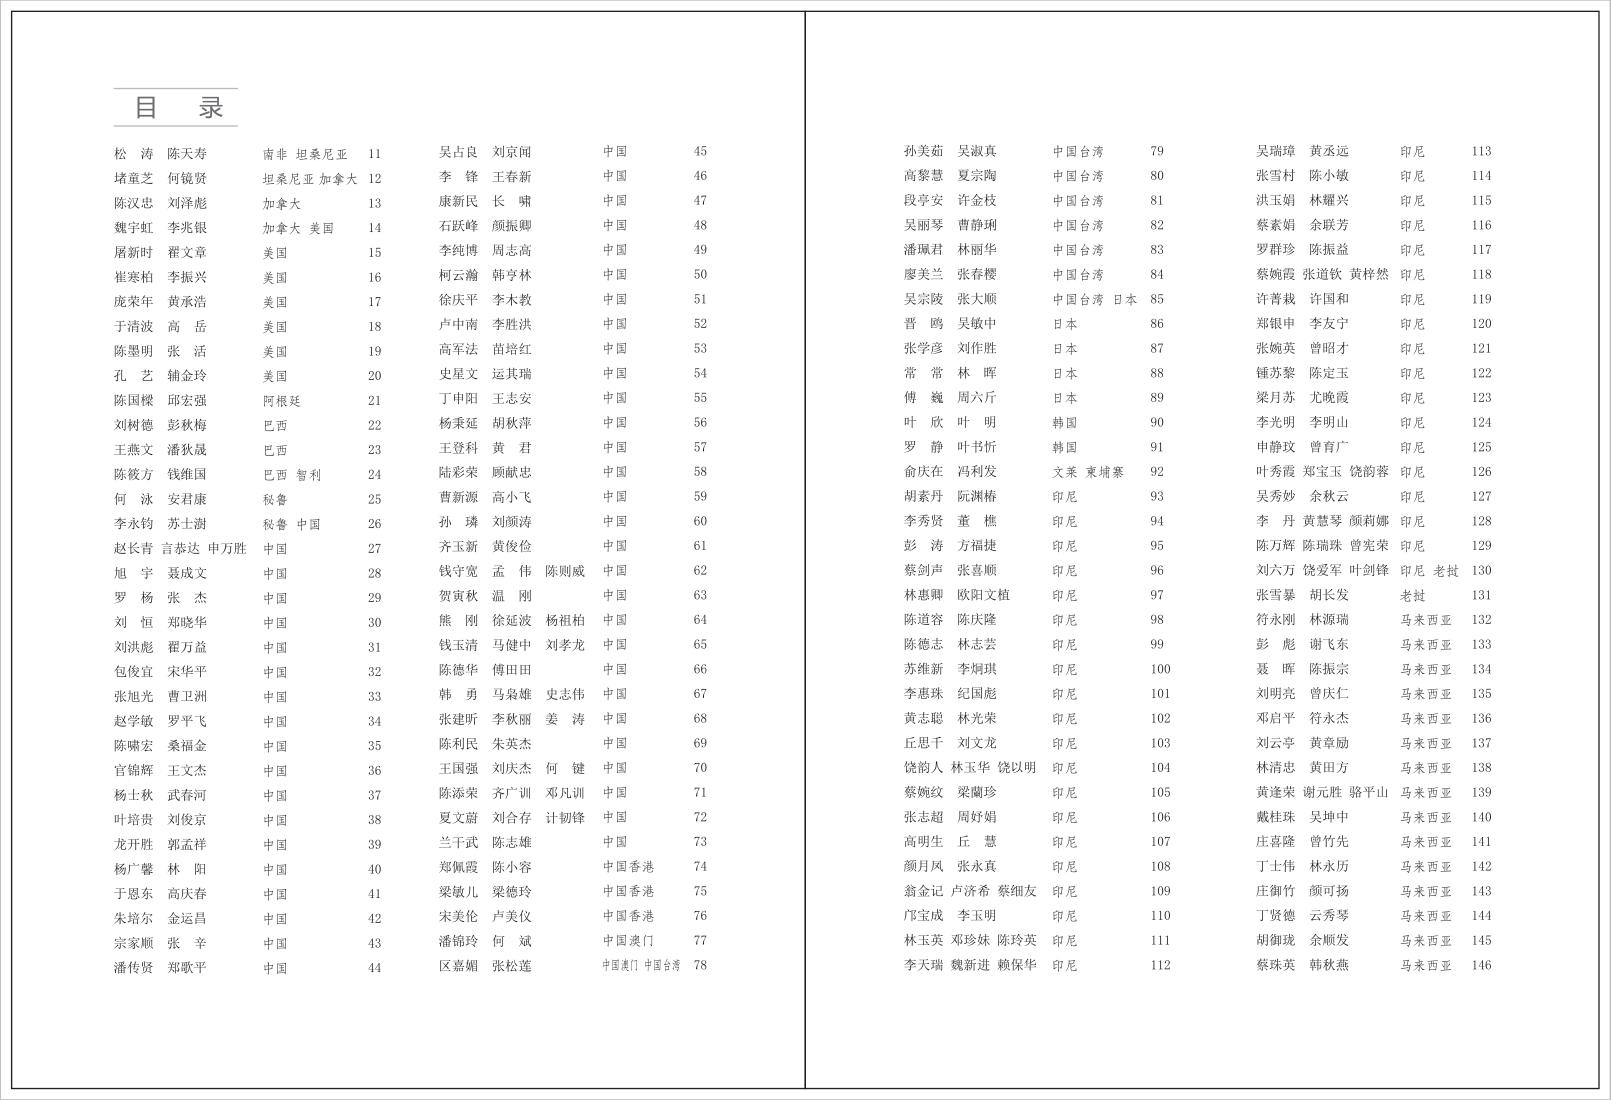 191页2_6.png